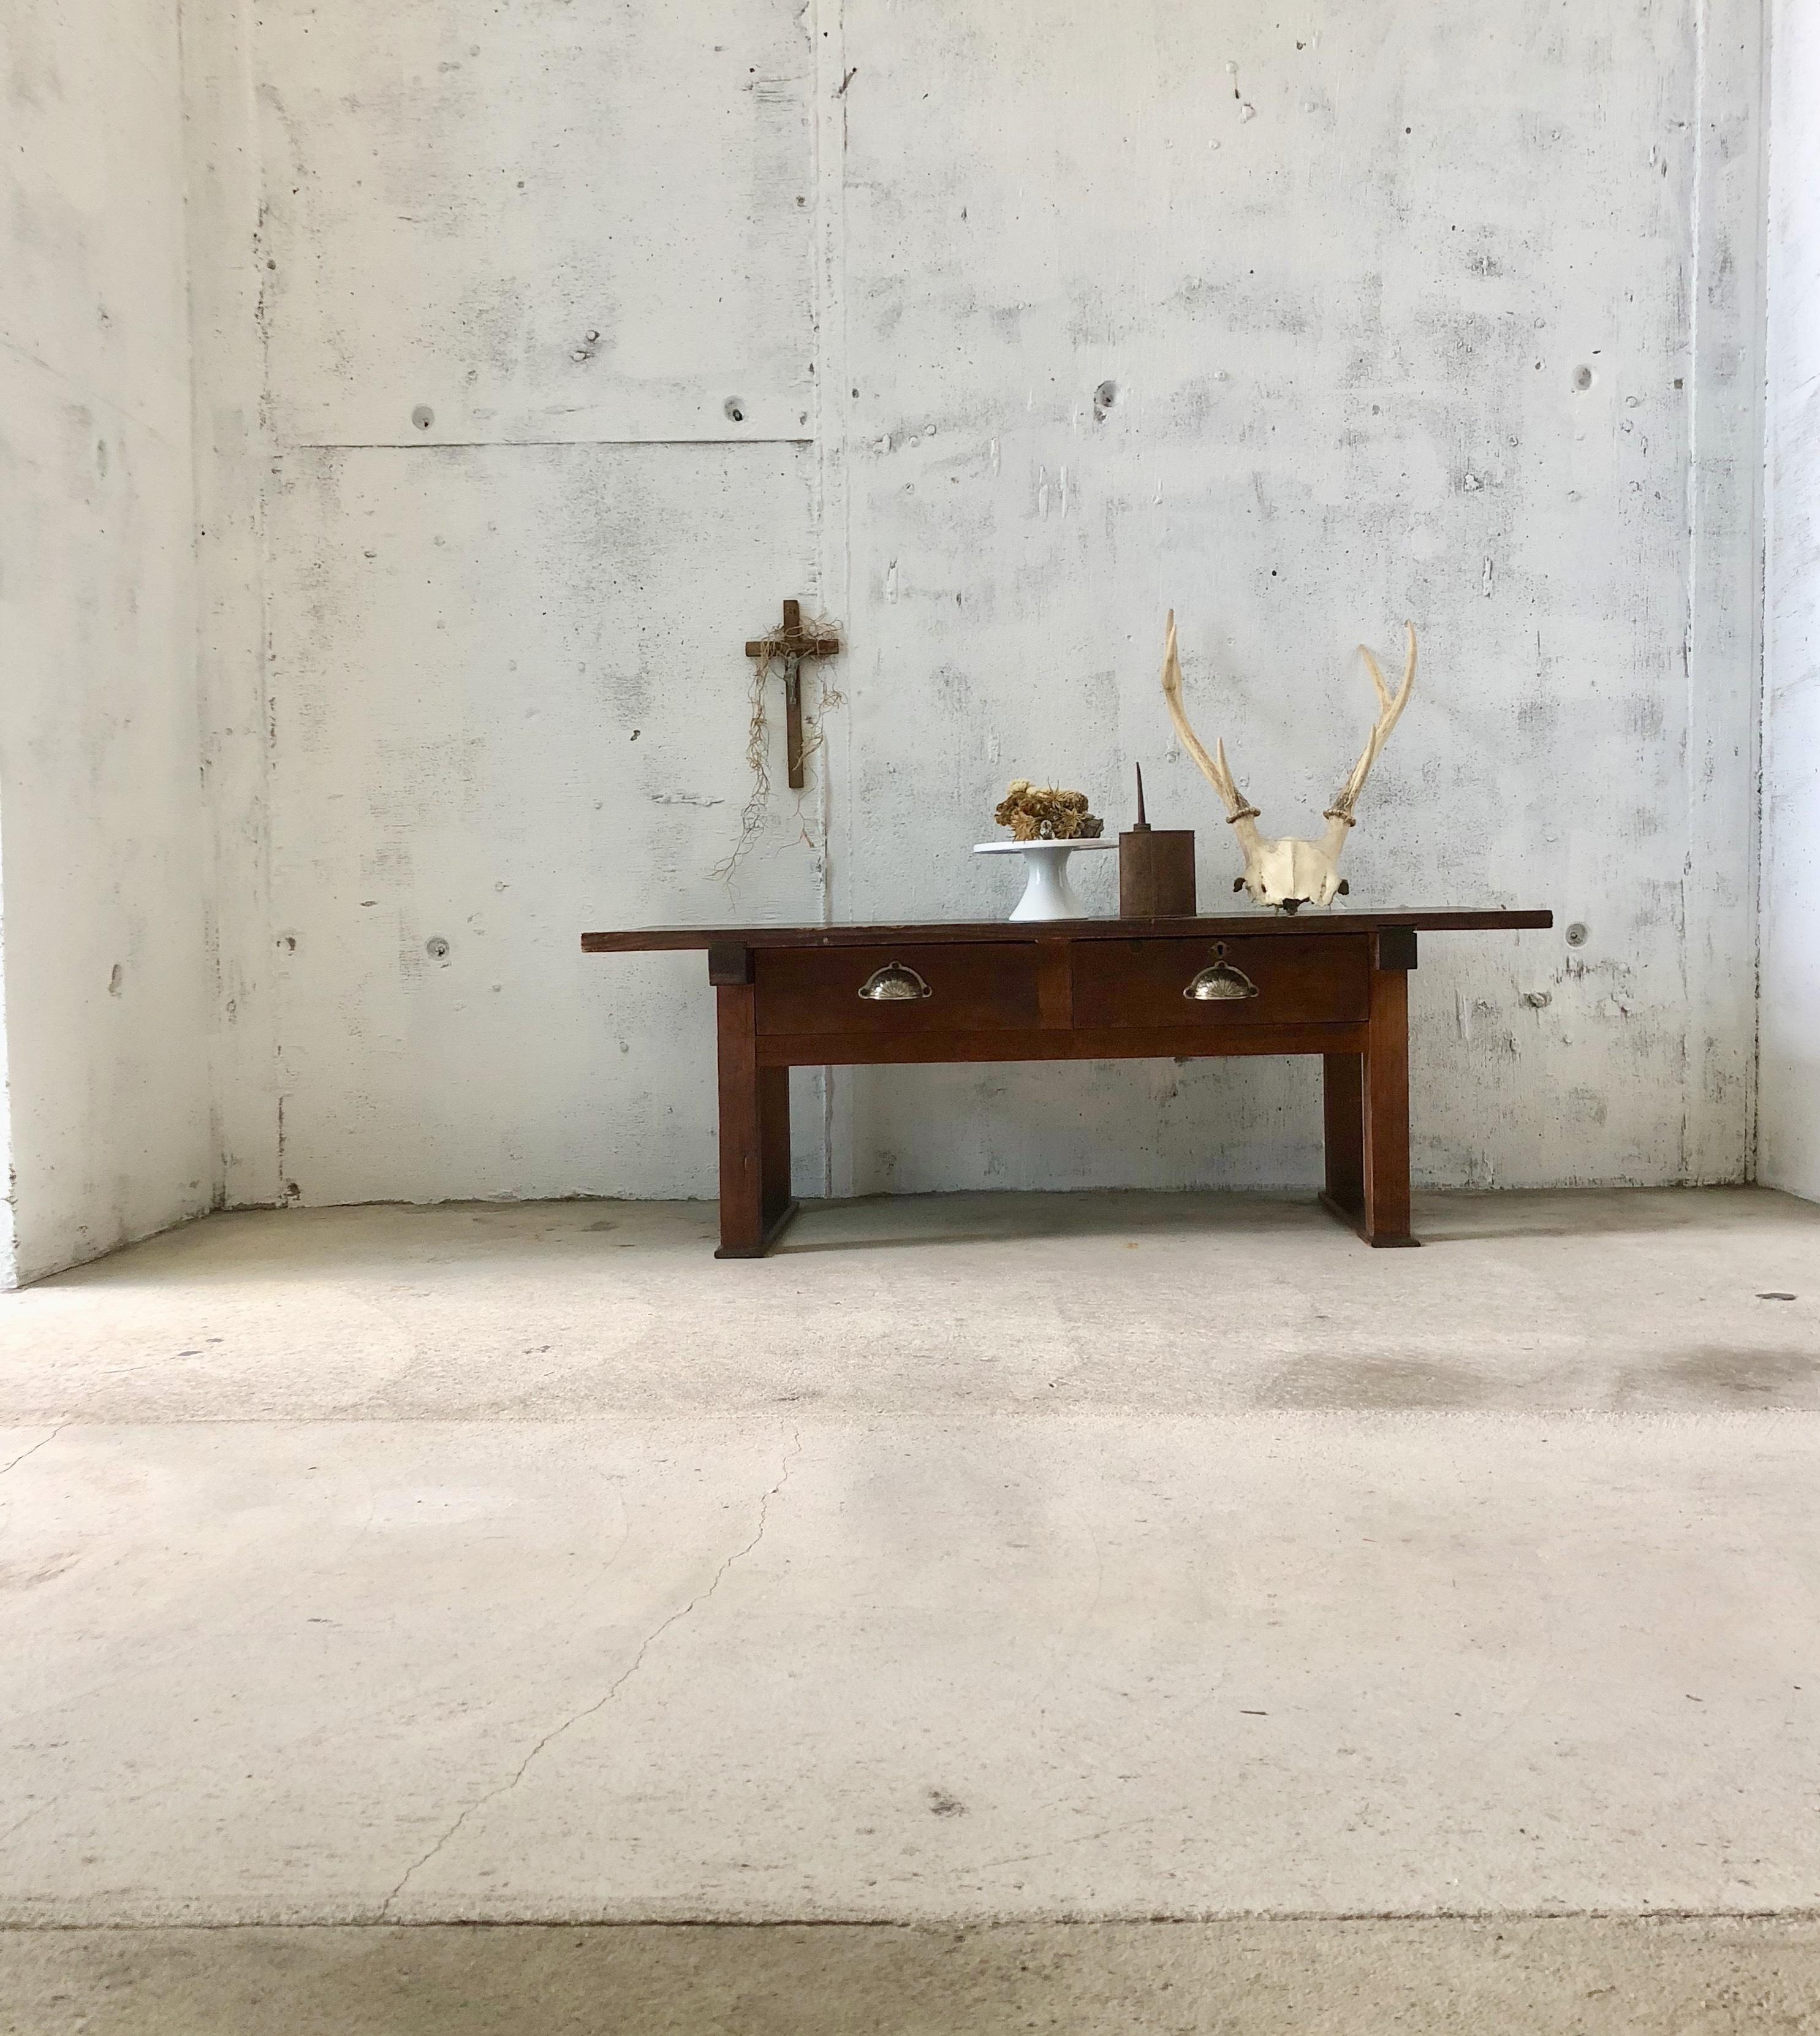 横長いローテーブル[古家具]